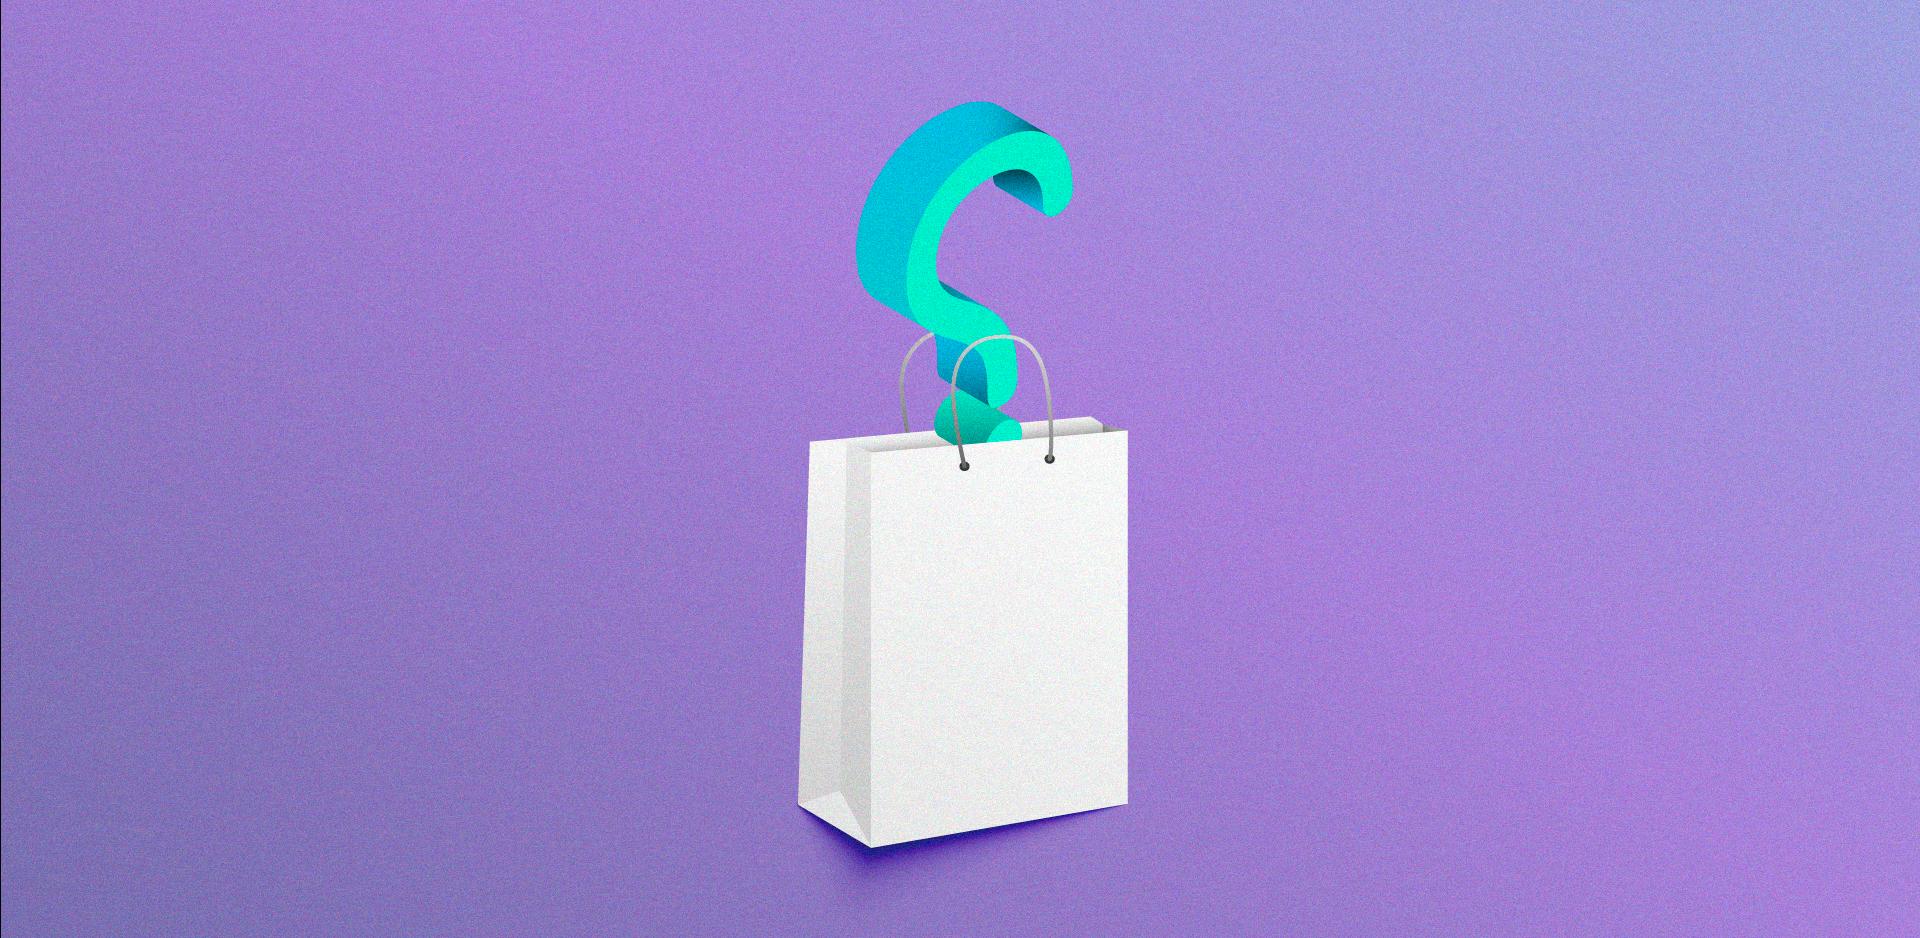 Produtos odontológicos: o que considerar para acertar na escolha?